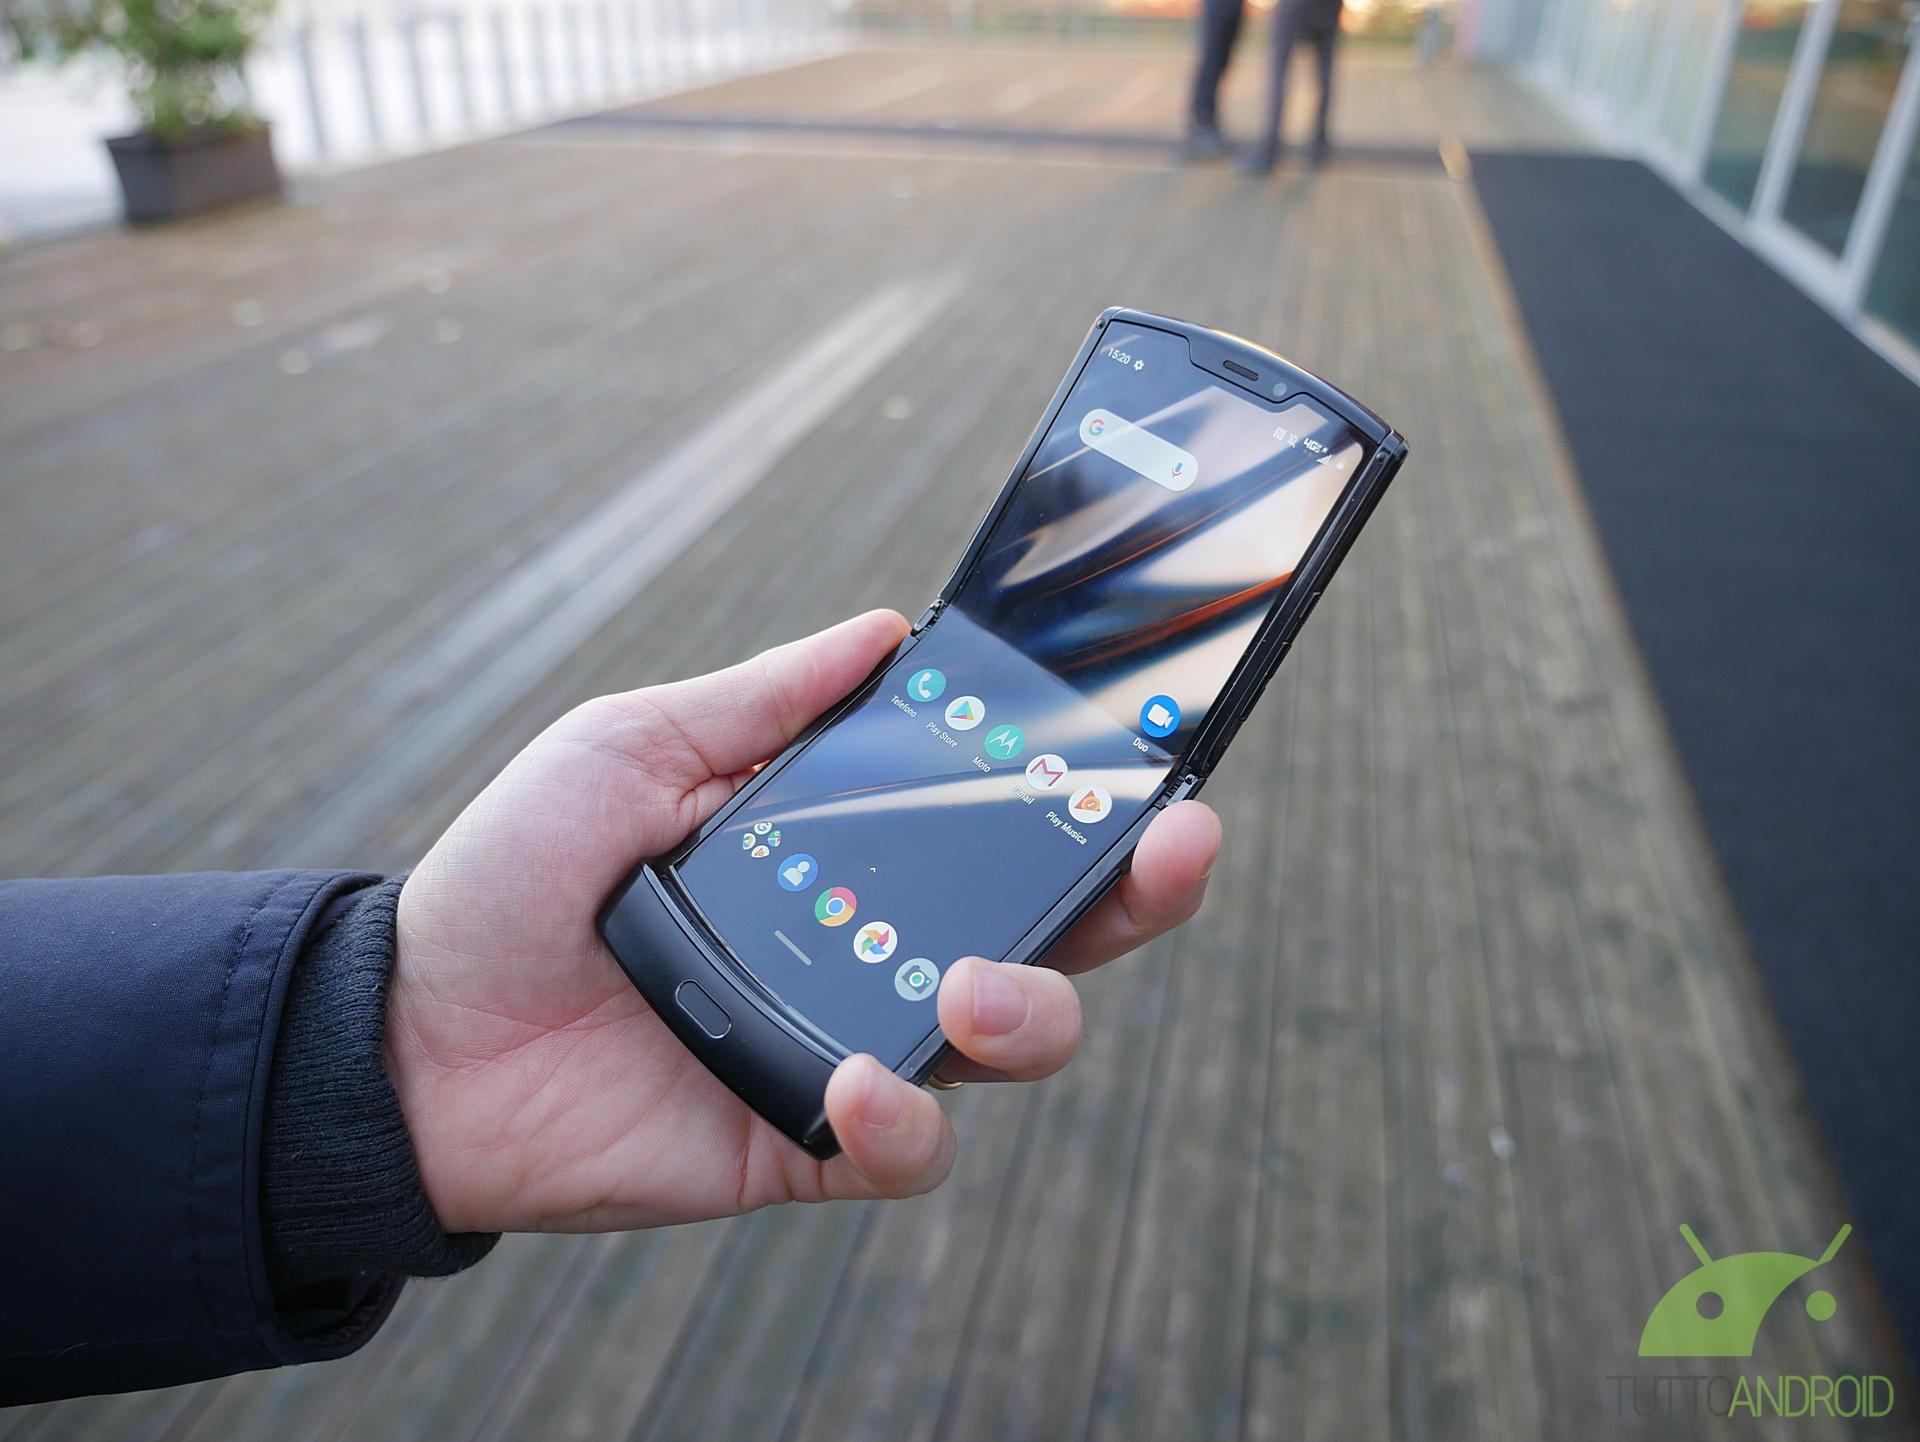 Le ultime indiscrezioni su Xiaomi Mi CC10, Redmi 9, HTC Desire 20 Pro e RAZR 2